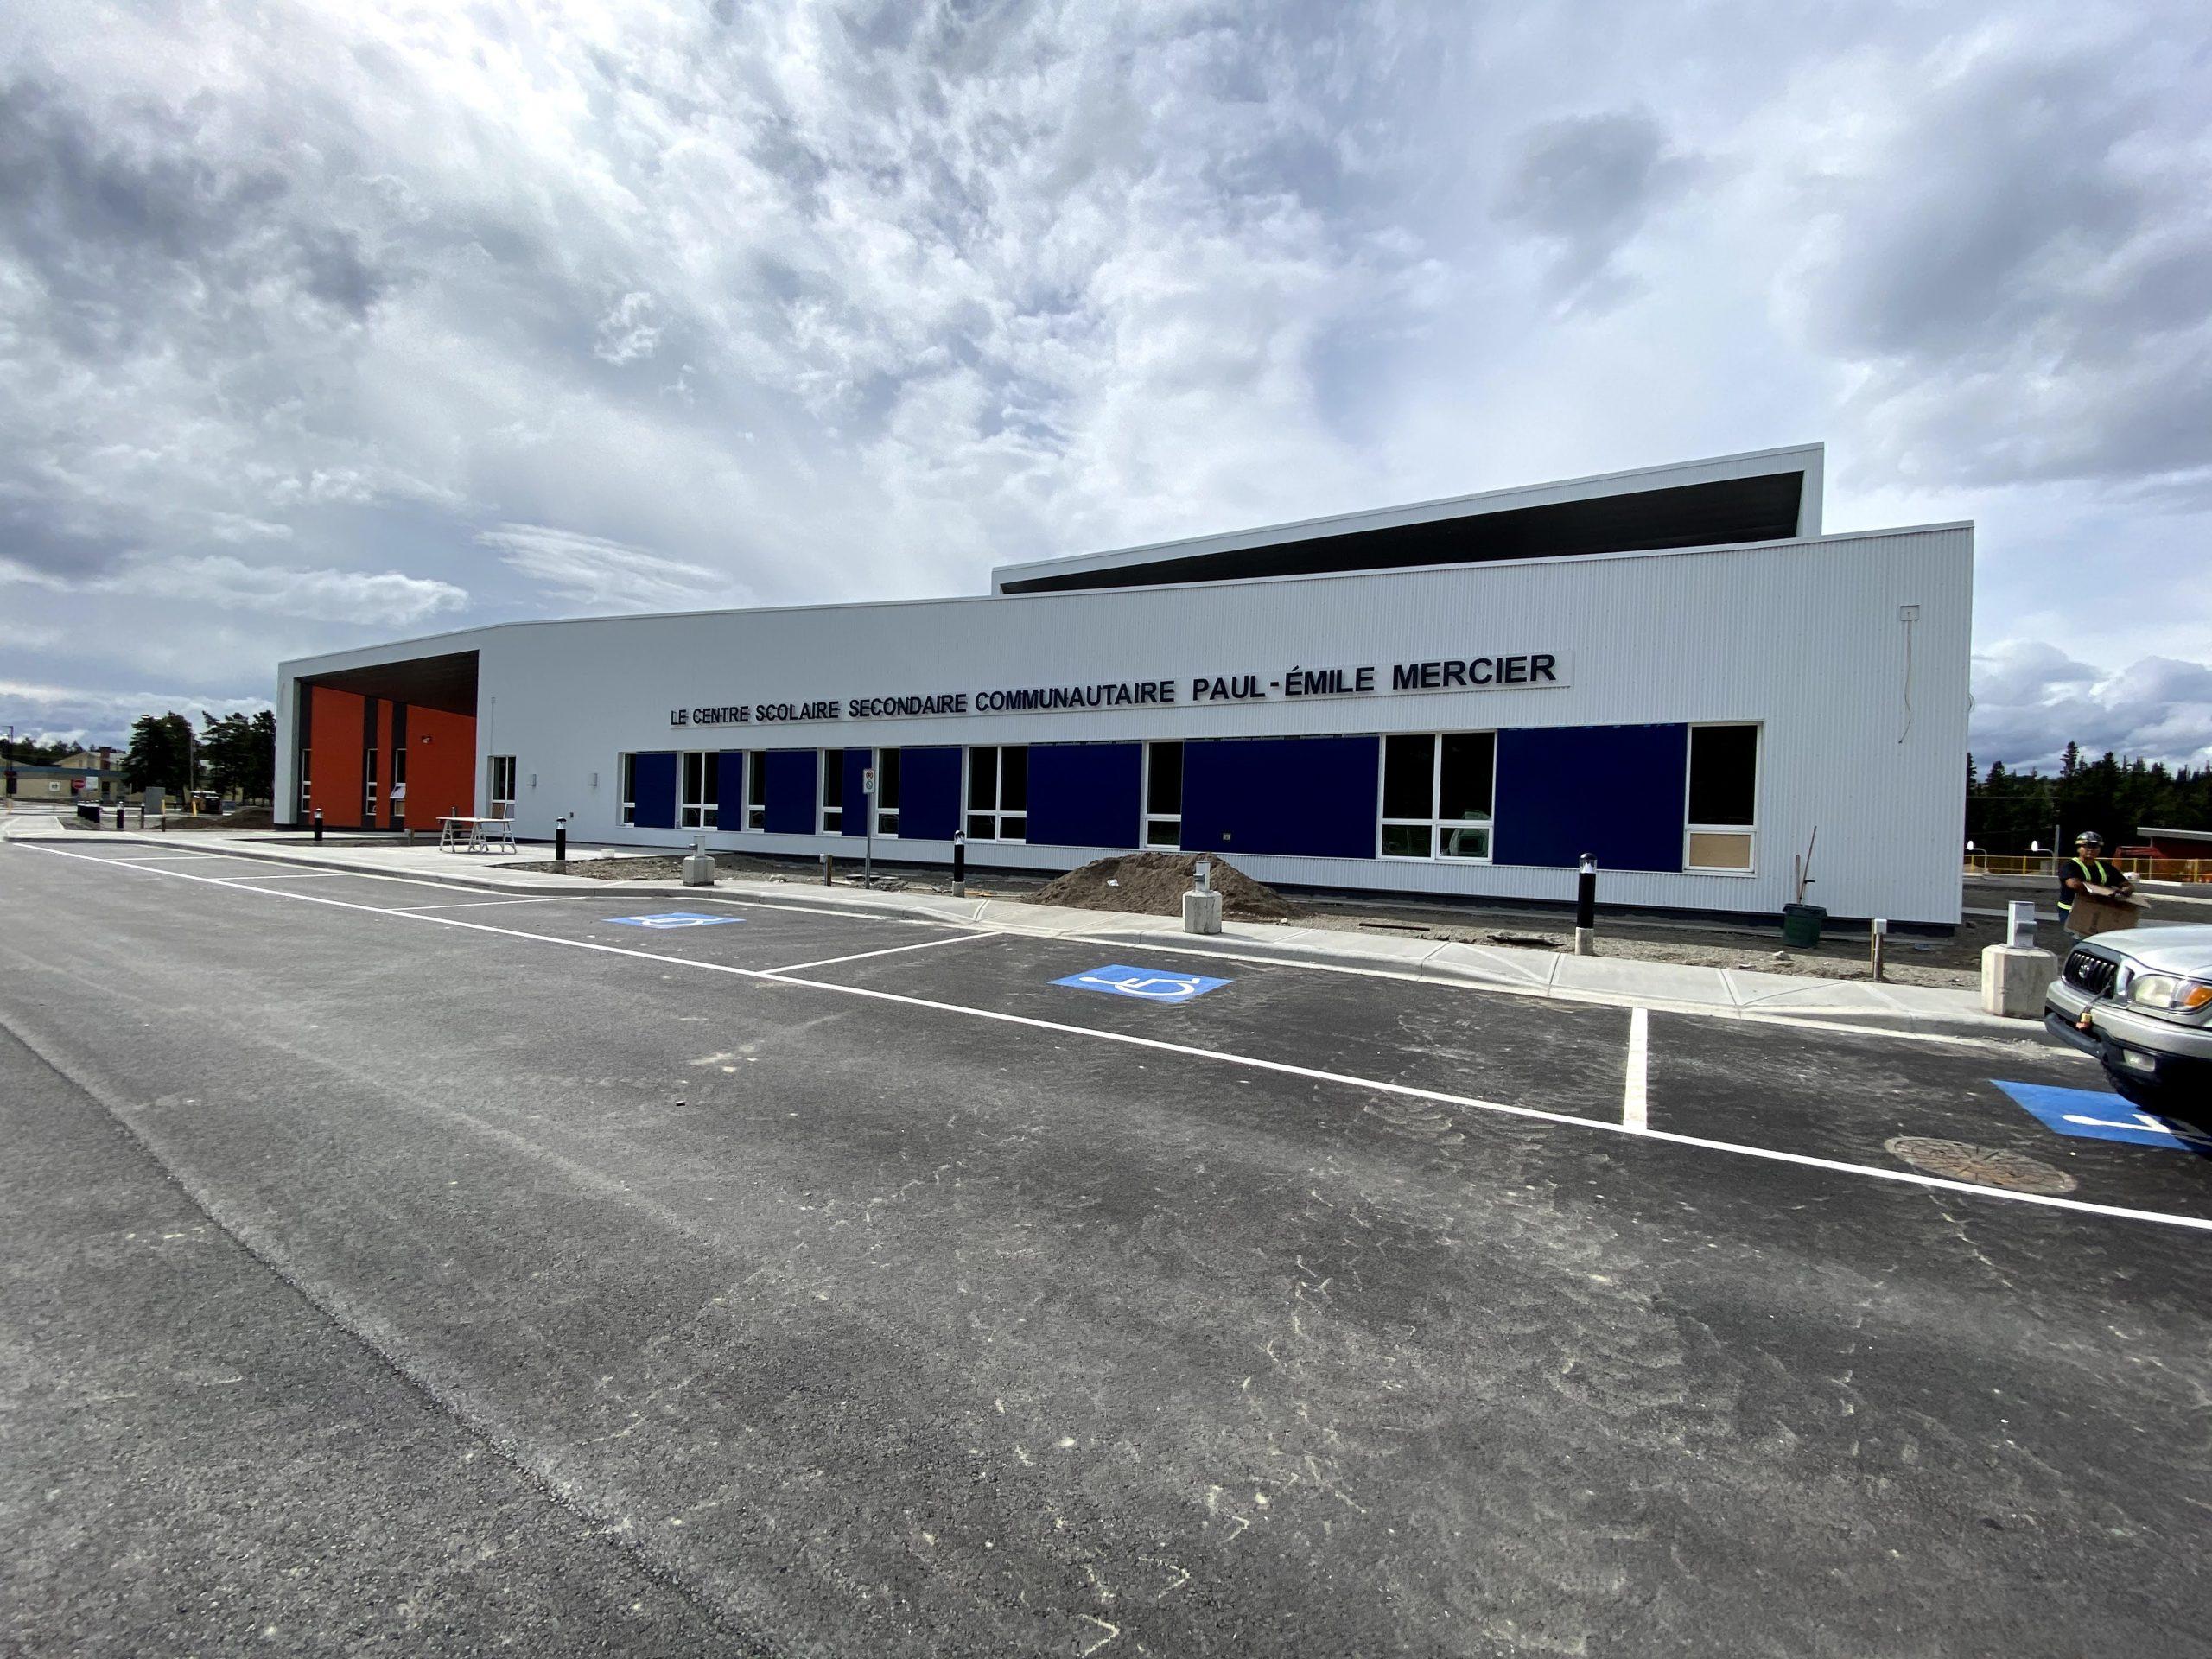 Centre Scolaire Secondaire Communautaire Paul-Emile Mercier